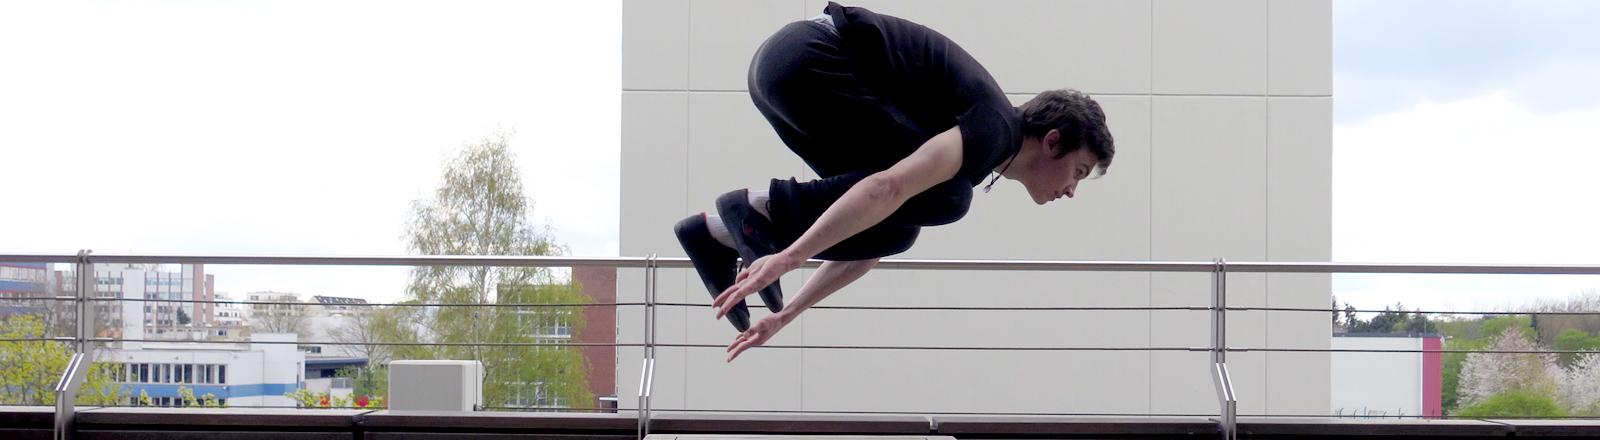 Jessaja Latala von Zero Gravity fliegt auf der DRadio-Wissen-Terrasse über einen Gartentisch.